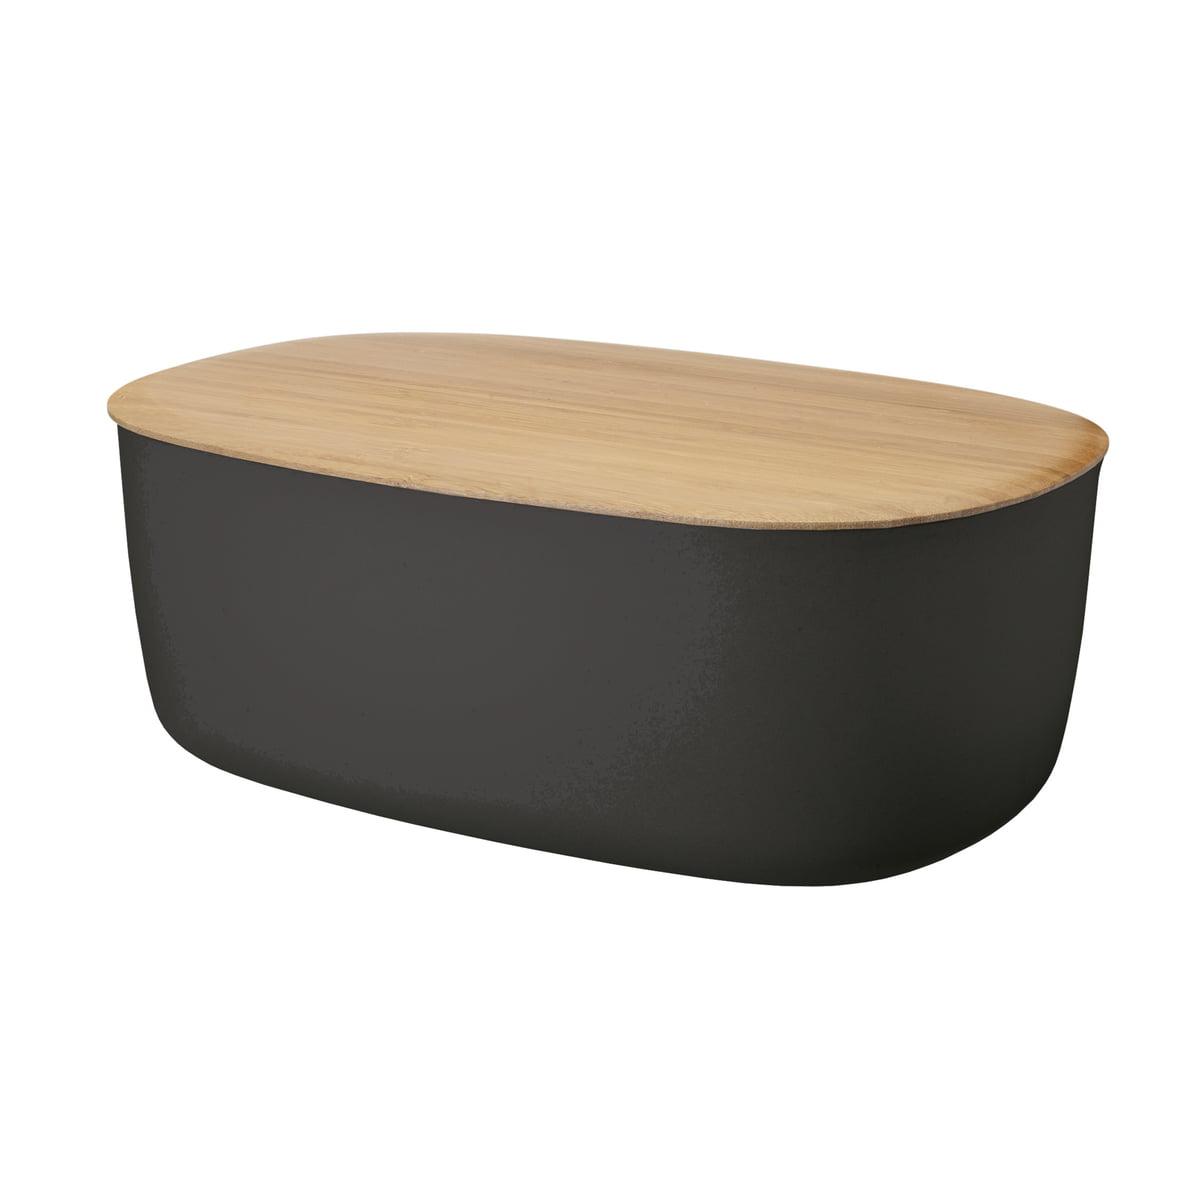 Rig-Tig by Stelton - Box-It Brotkasten, schwarz | Küche und Esszimmer > Aufbewahrung | Schwarz | Kasten: melamin -  deckel: bambusholz | Stelton